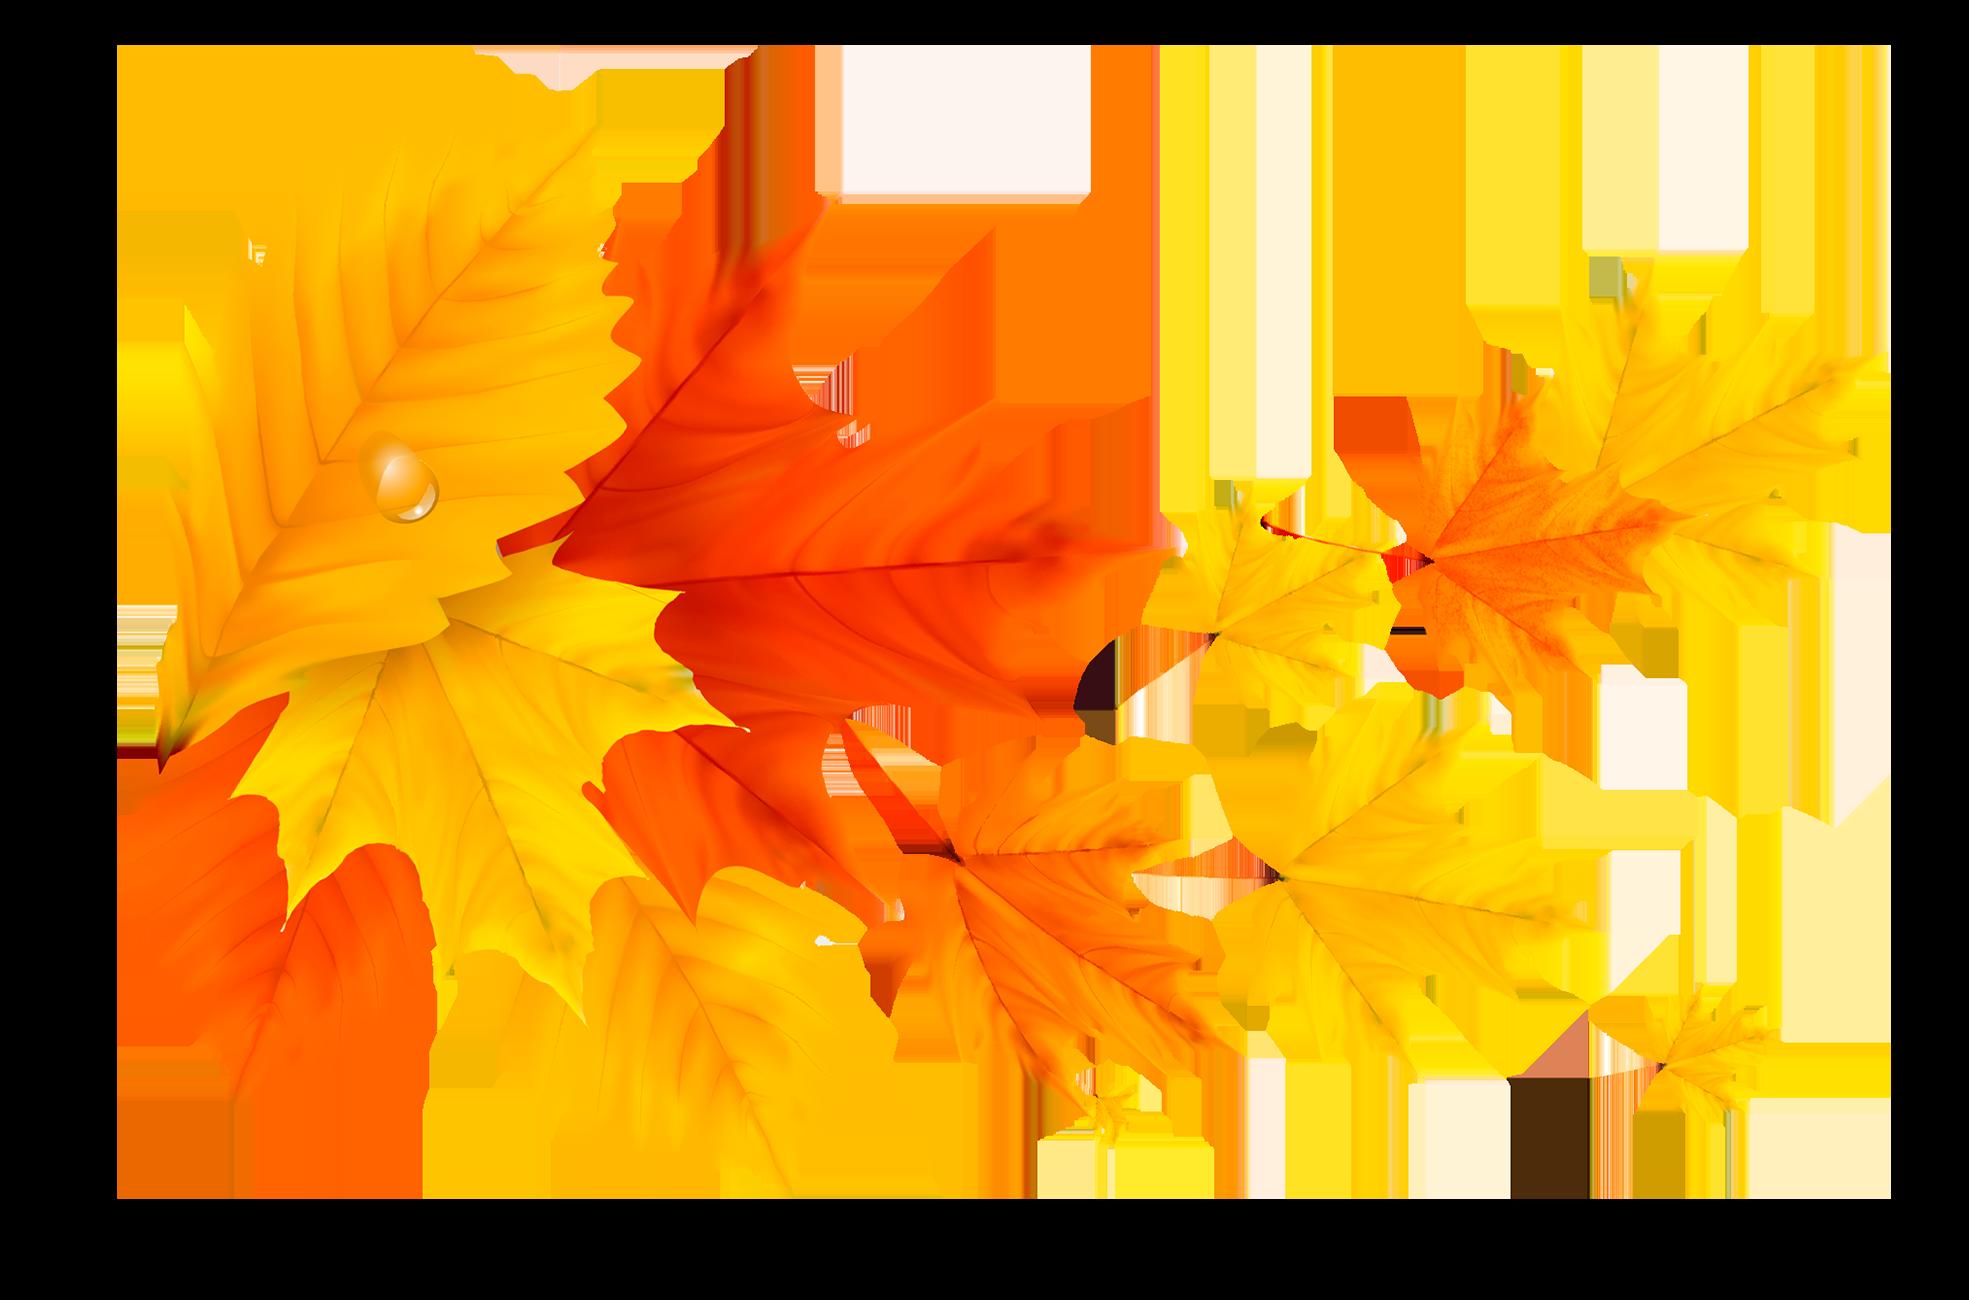 Осенние листья на прозрачном фоне - осень, листья